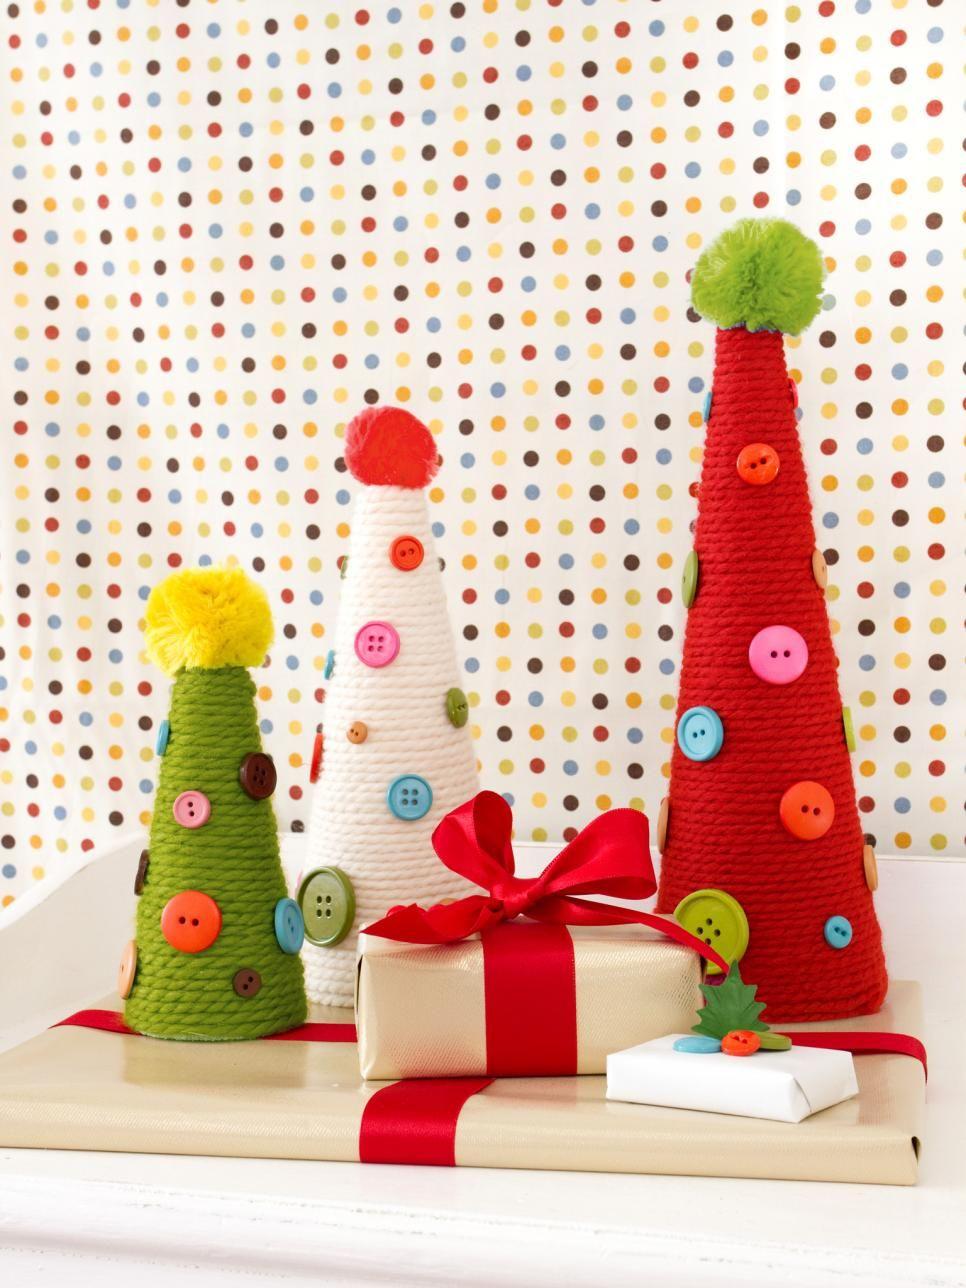 zauberhafte ideen f rs weihnachtsbasteln mit kindern die spa machen easy christmas crafts